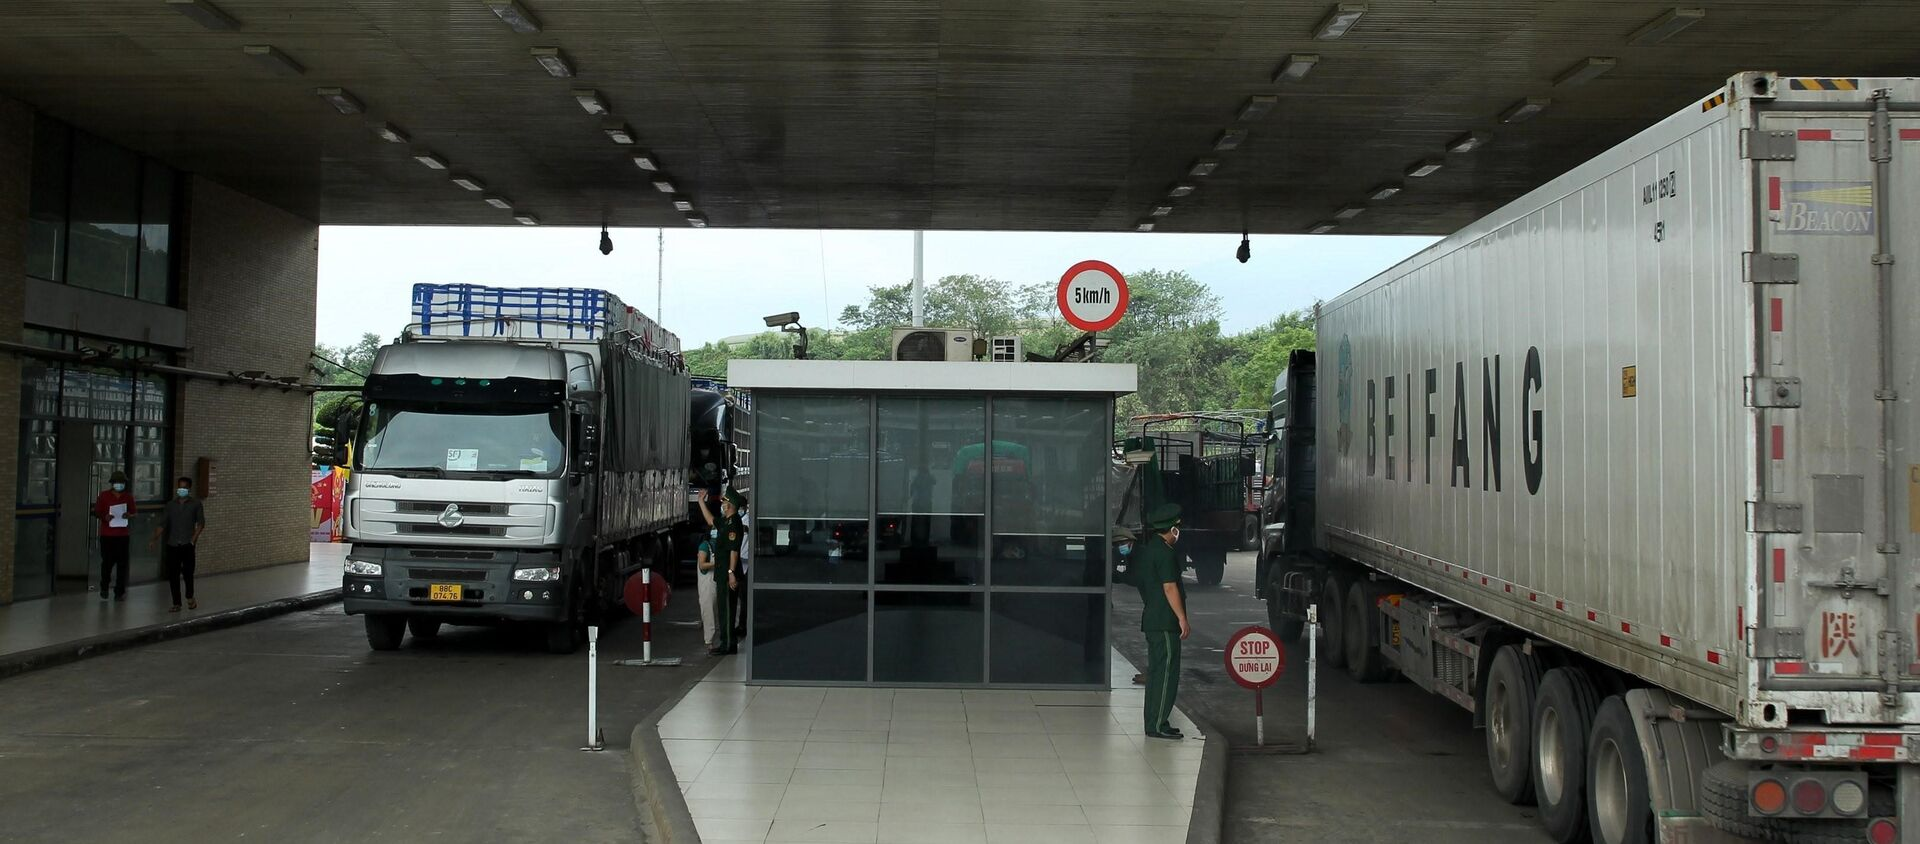 Hoạt động xuất nhập khẩu qua cửa khẩu Kim Thành, Lào Cai những ngày qua diễn ra bình thường, không xảy ra hiện tượng ùn ứ tại cửa khẩu. - Sputnik Việt Nam, 1920, 27.08.2021